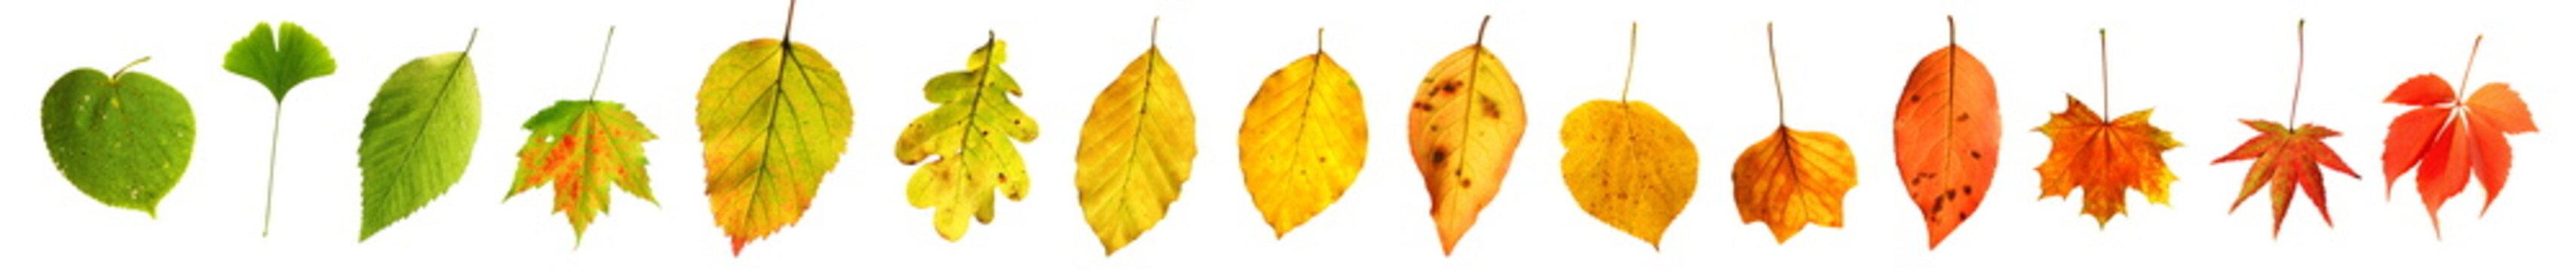 Farbgradient grün nach rot Herbstblätter Herbst Laub freigestellt